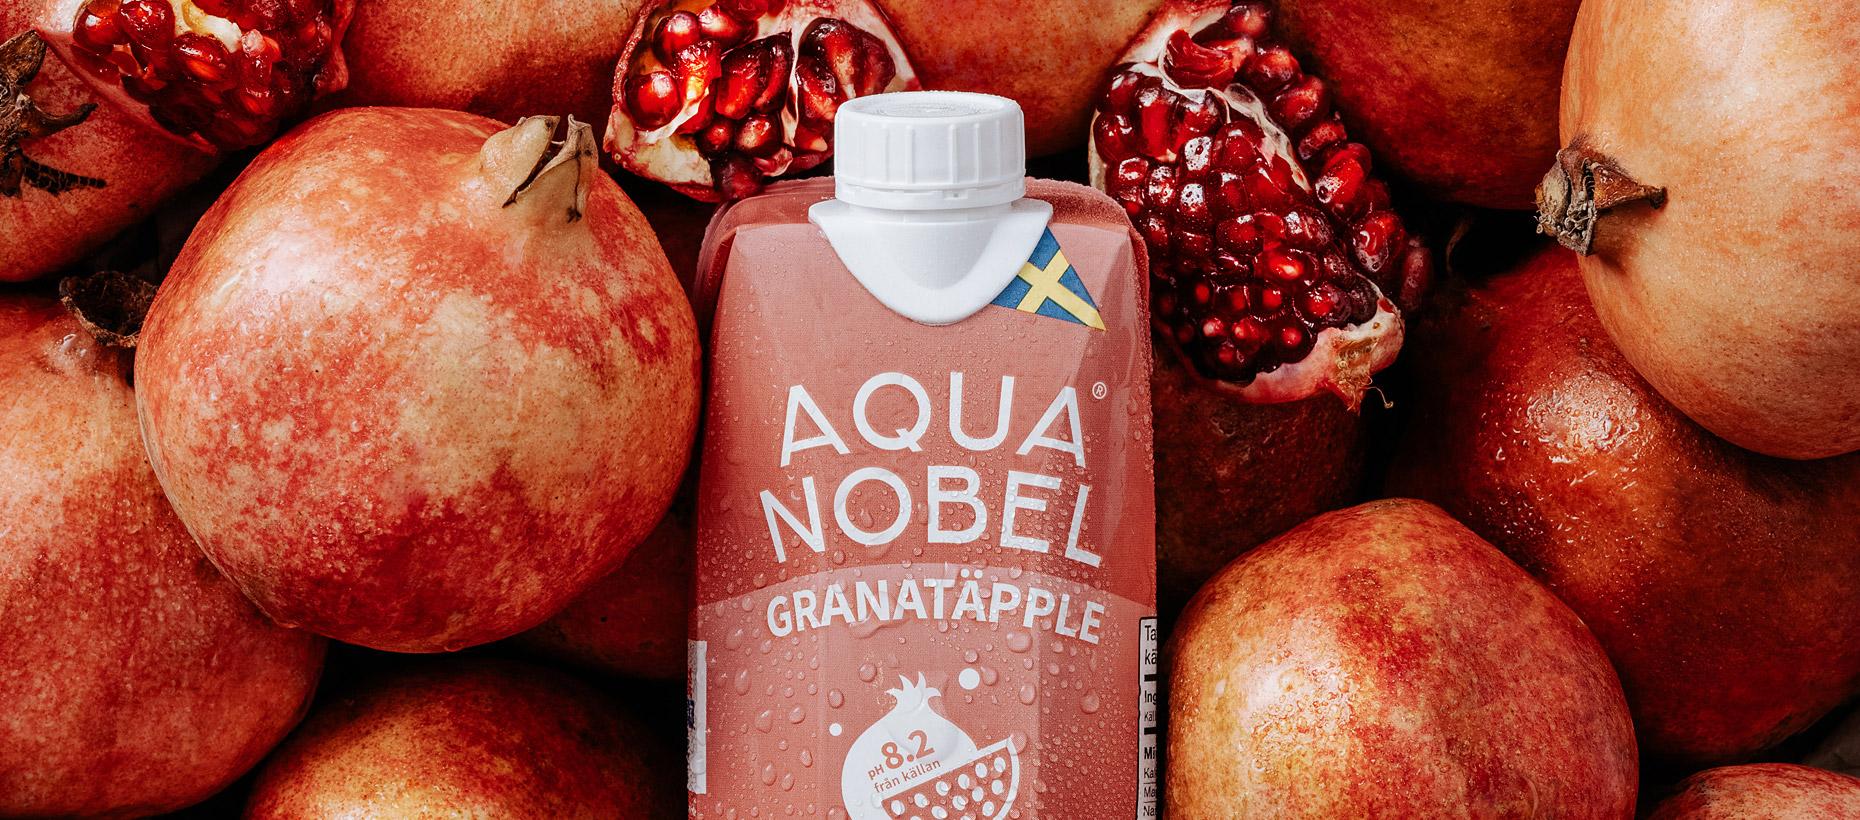 Aqua Nobel foto - Bravissimo